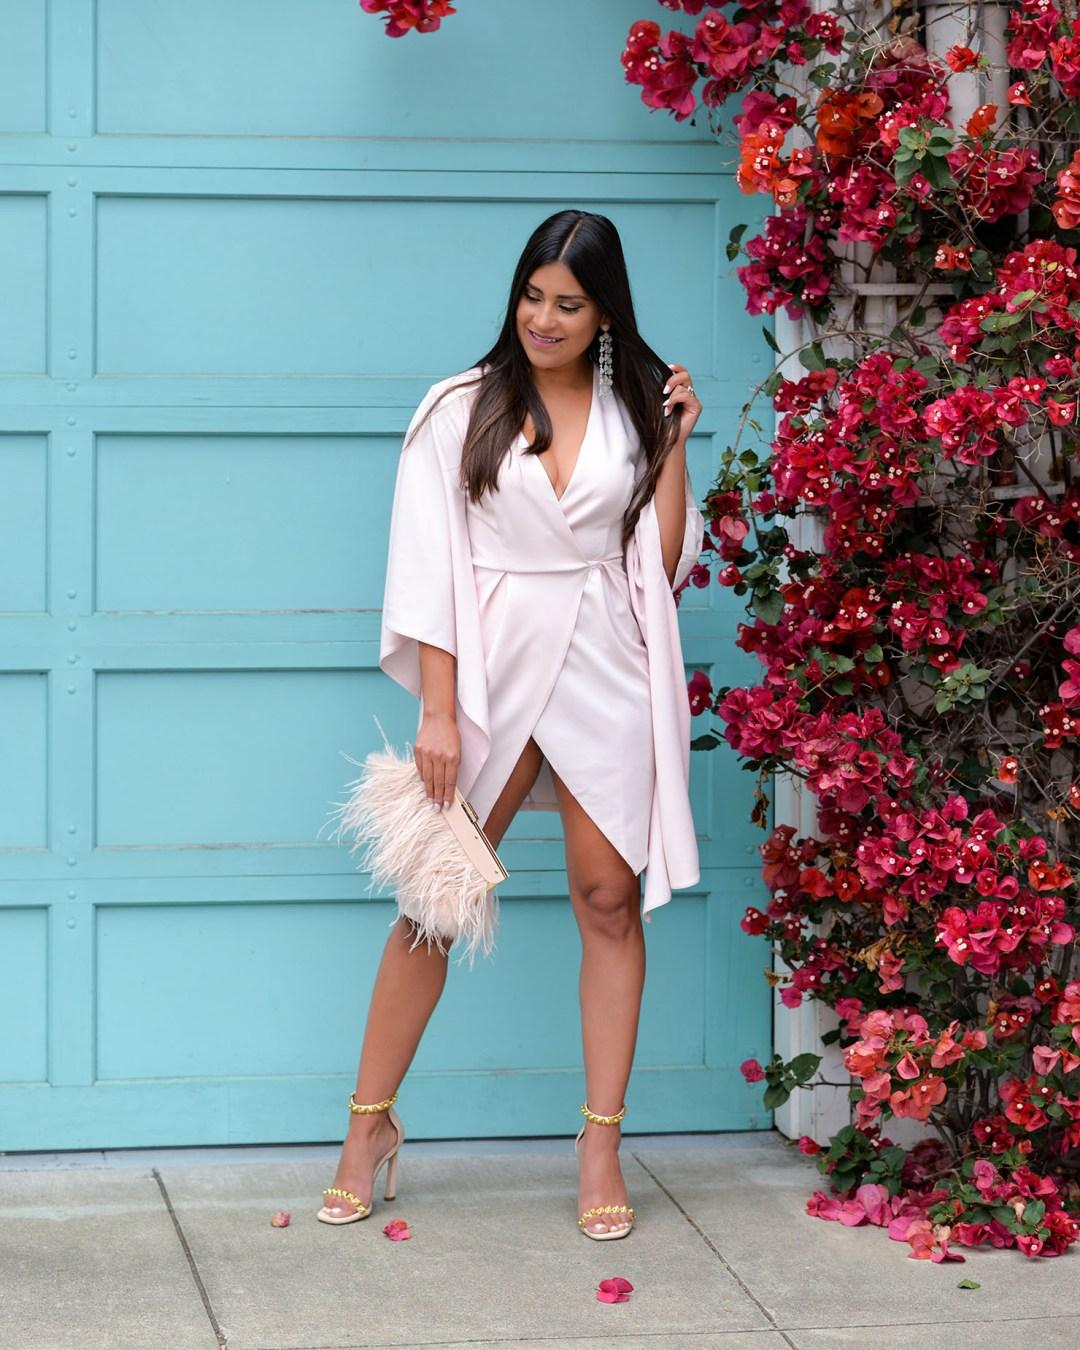 Unique San Francisco Date Ideas - Kelsey Kaplan Fashion